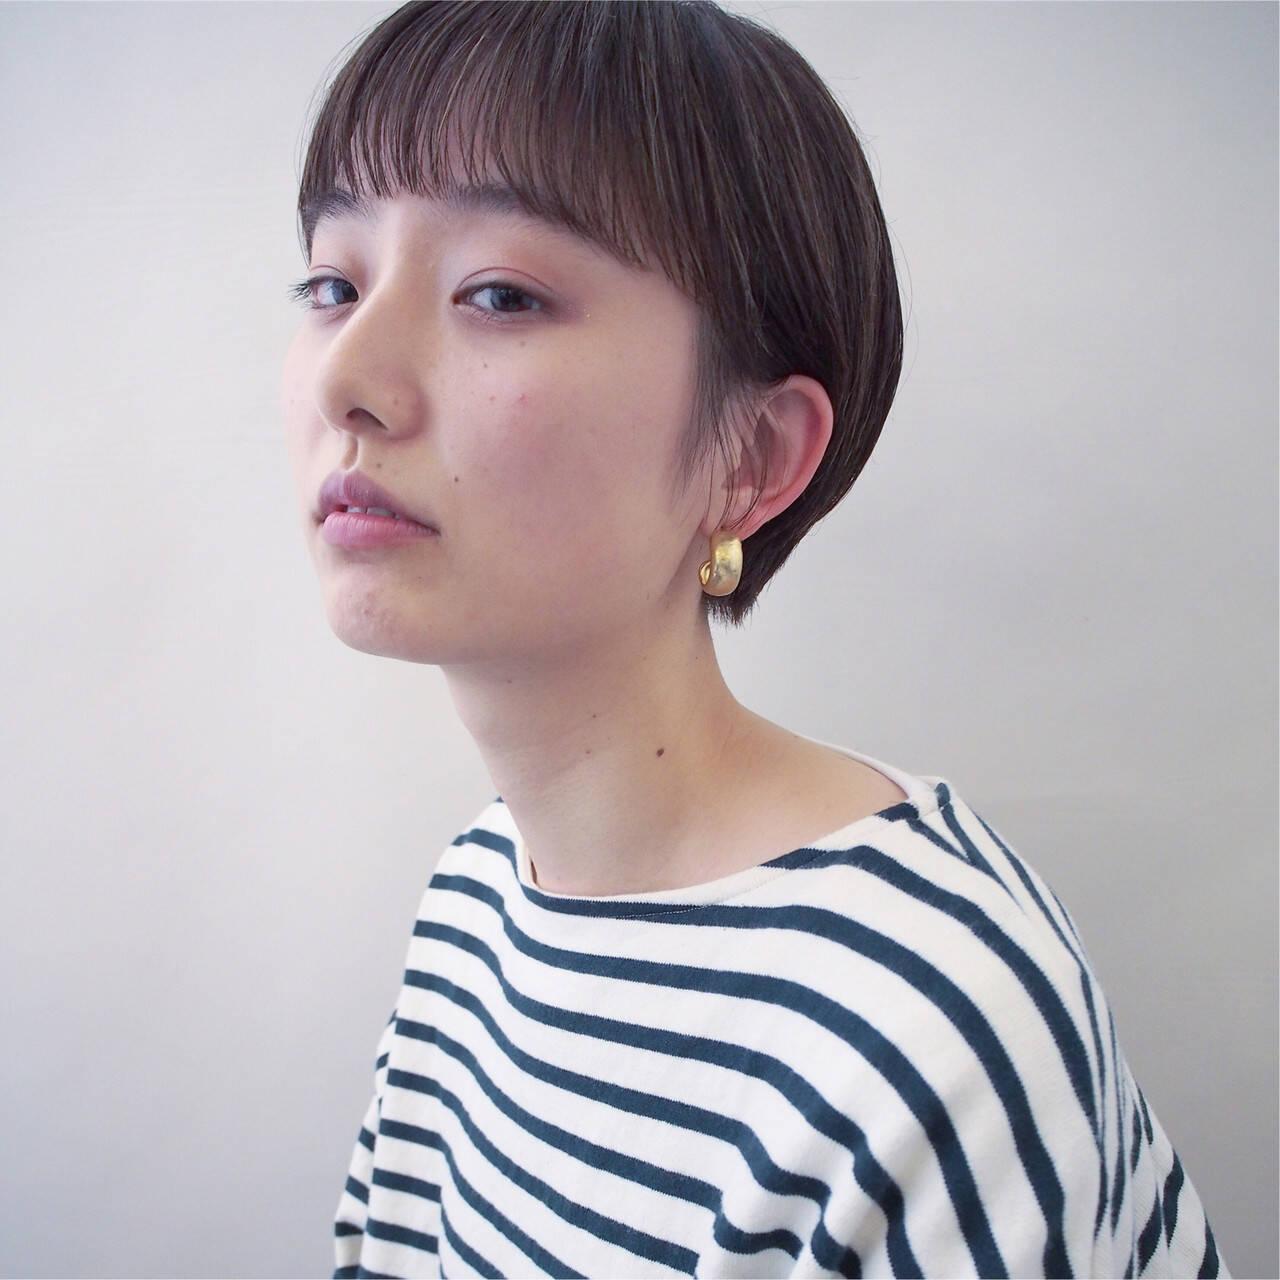 ウェットヘア モード ハンサムショート 黒髪ヘアスタイルや髪型の写真・画像